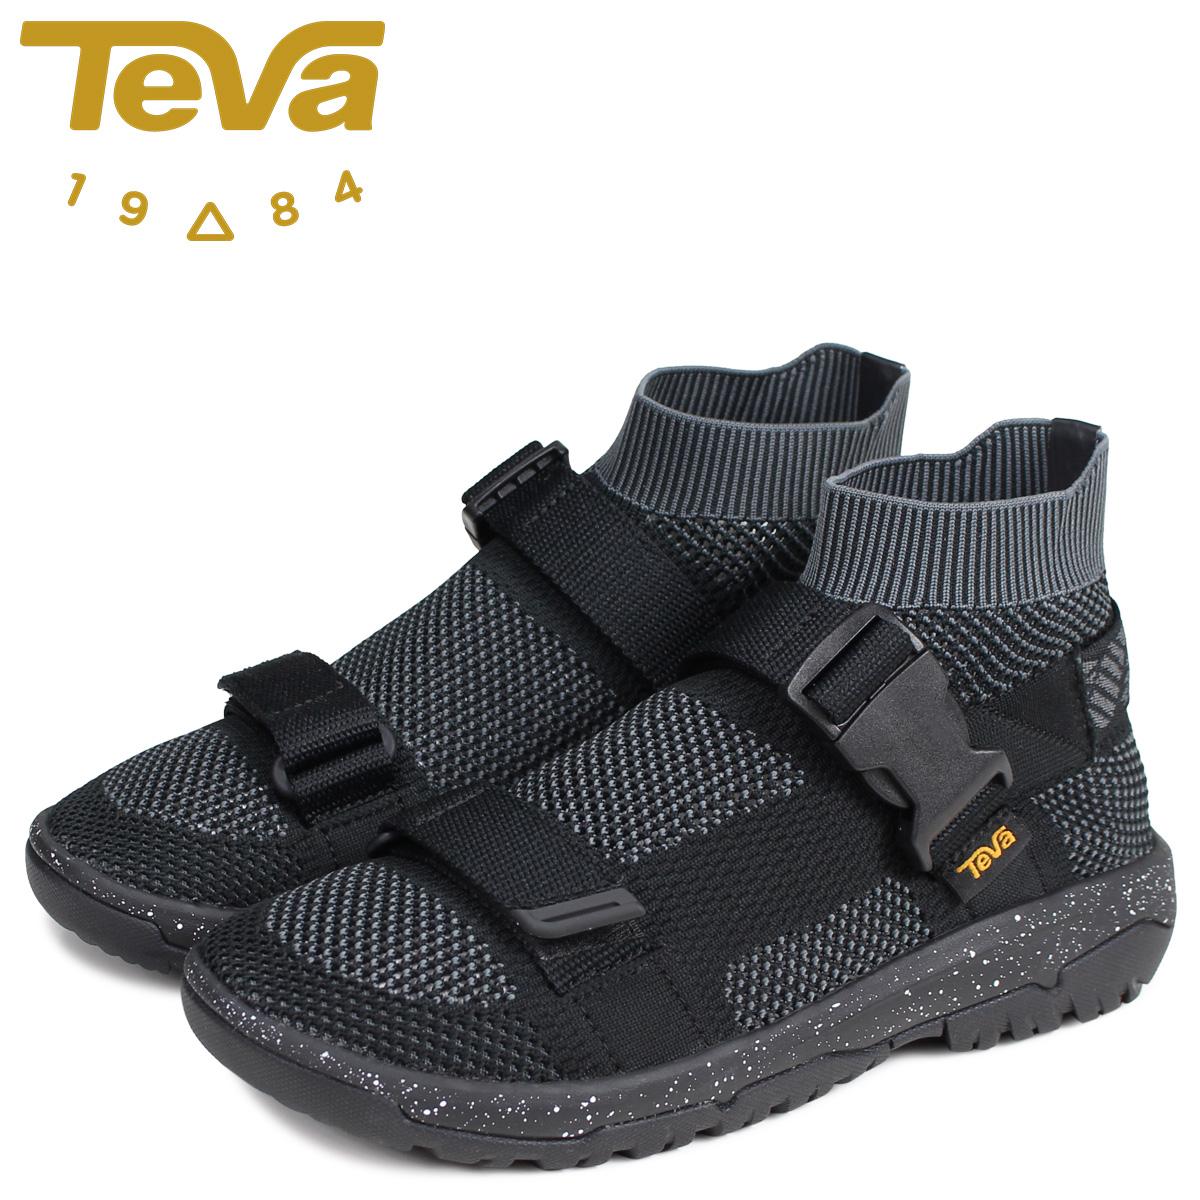 テバ Teva サンダル ハリケーン ソック メンズ HURRICANE SOCK ブラック 黒 1100269